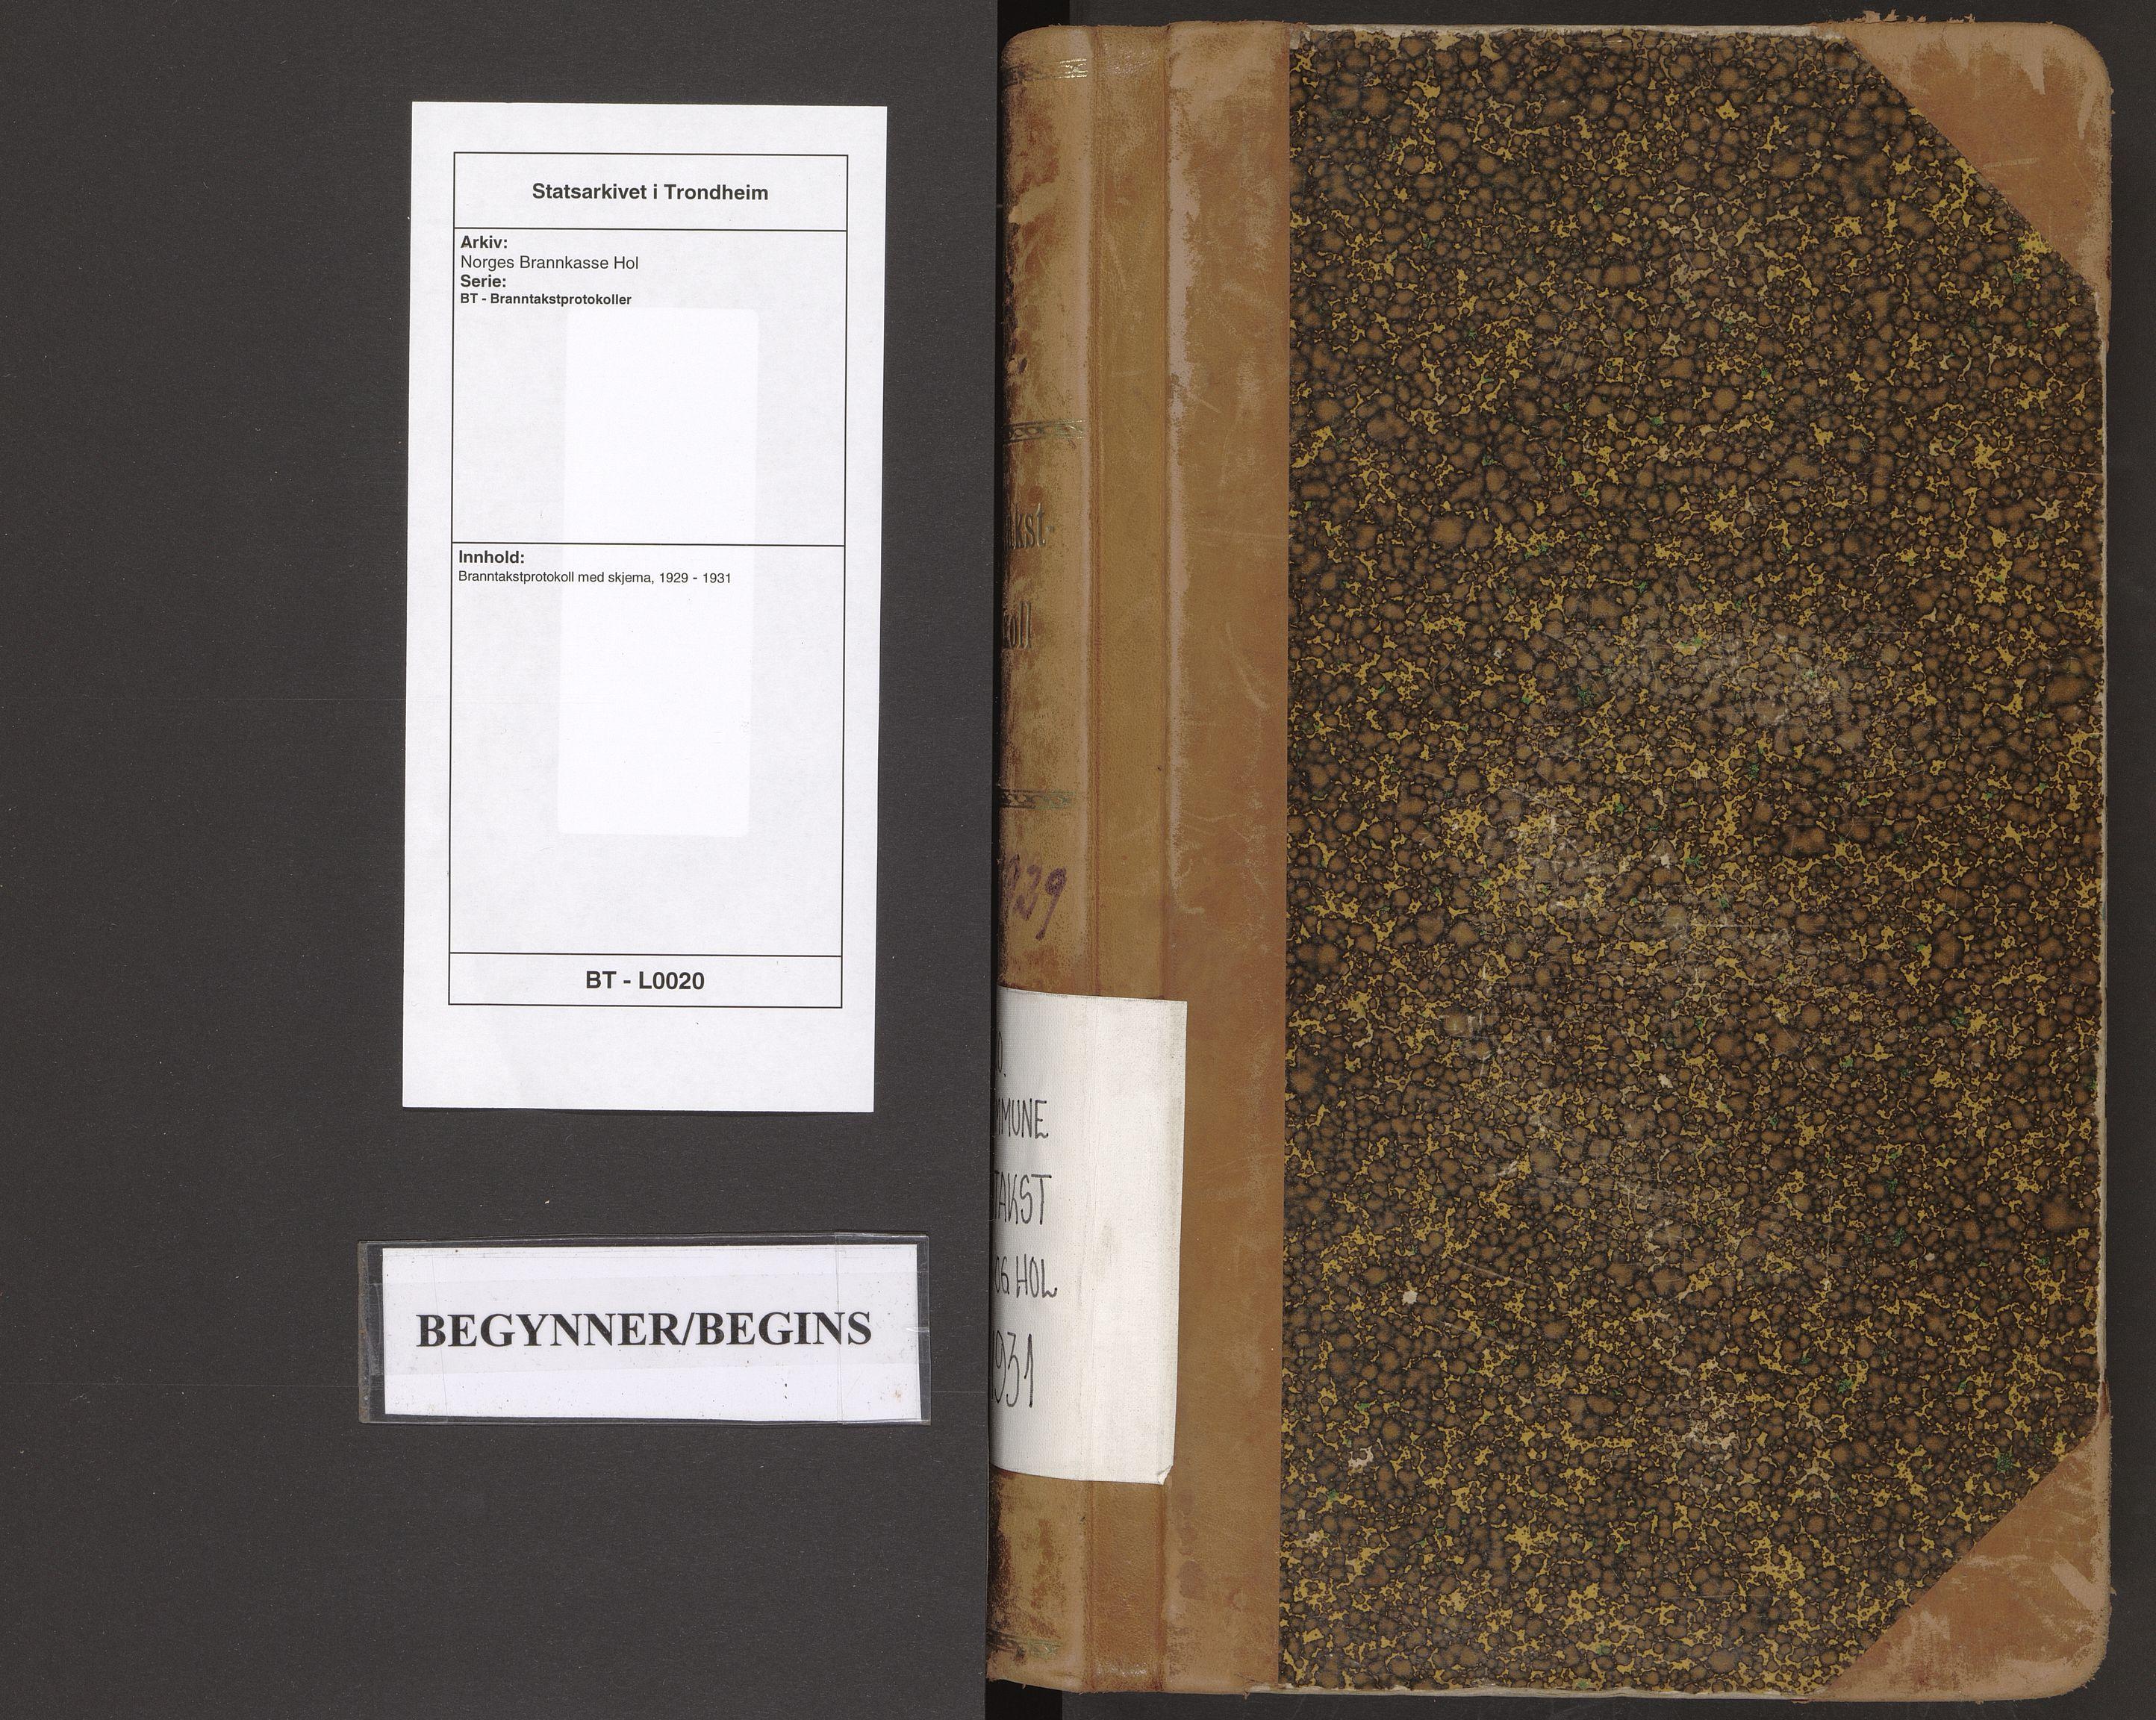 SAT, Norges Brannkasse Hol, BT/L0020: Branntakstprotokoll med skjema, 1929-1931